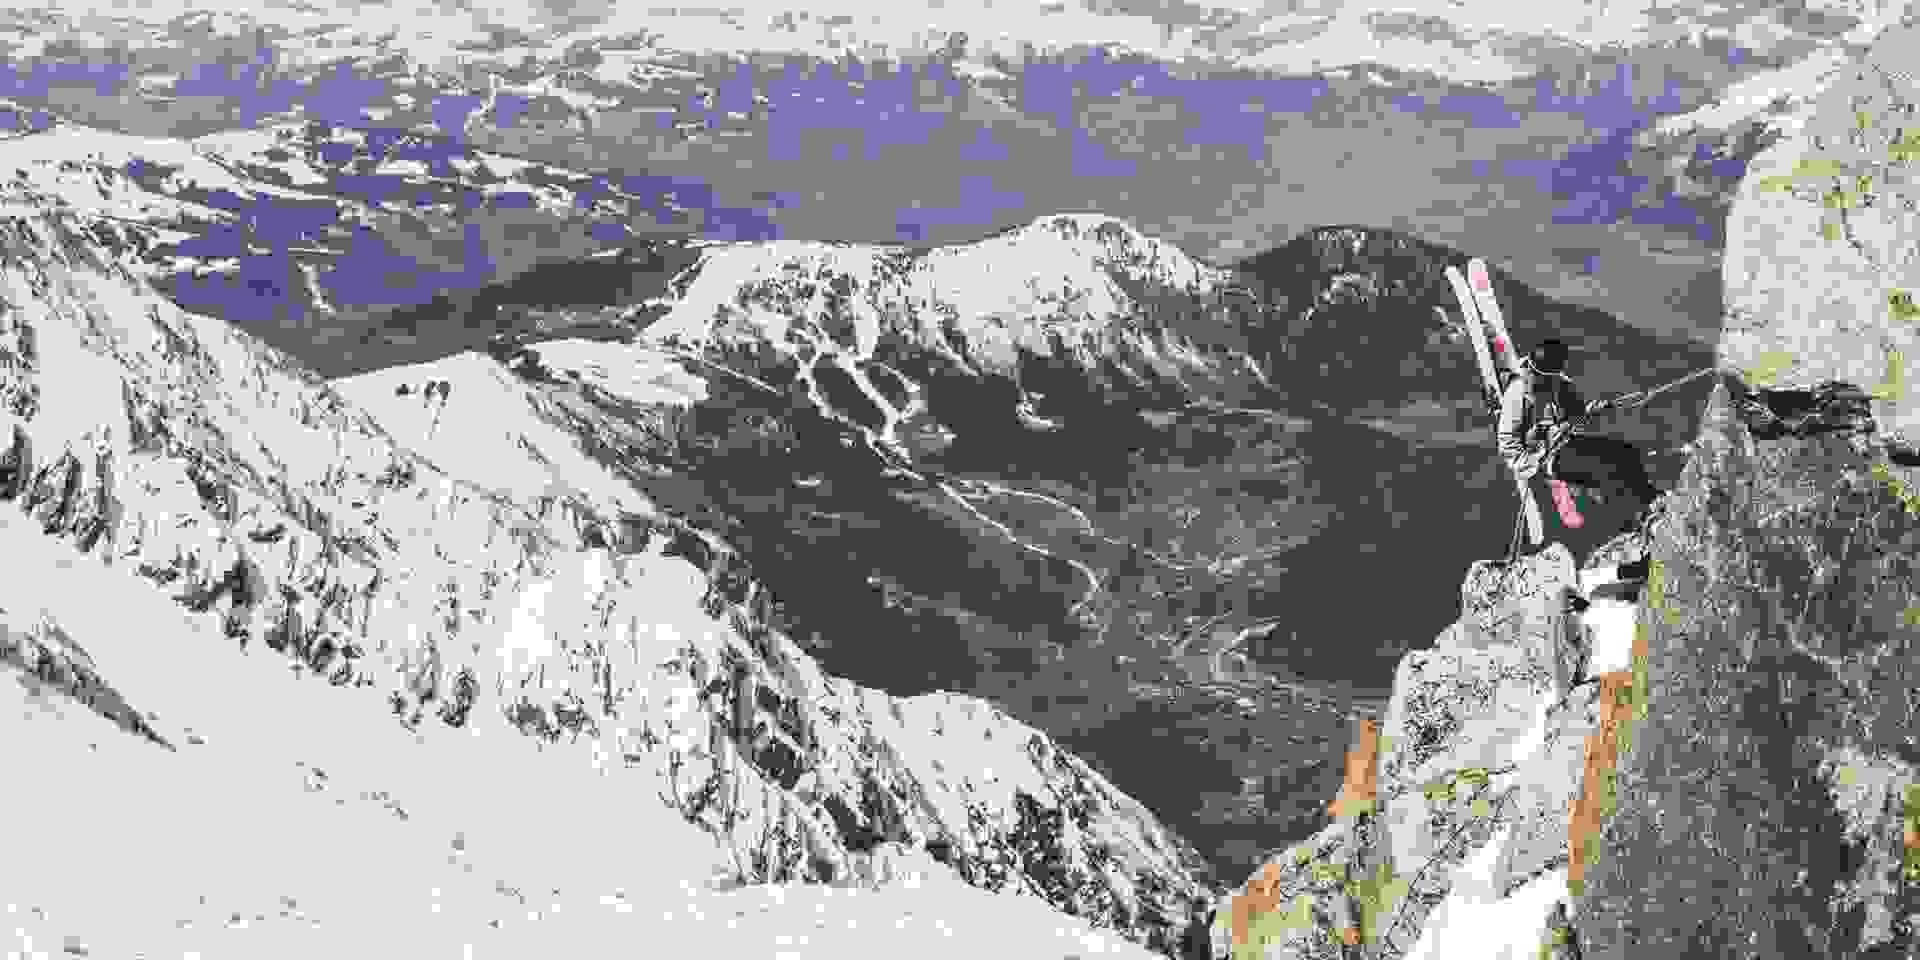 Eine Bergkette, auf der sich eine Skitourengeherin abseilt.